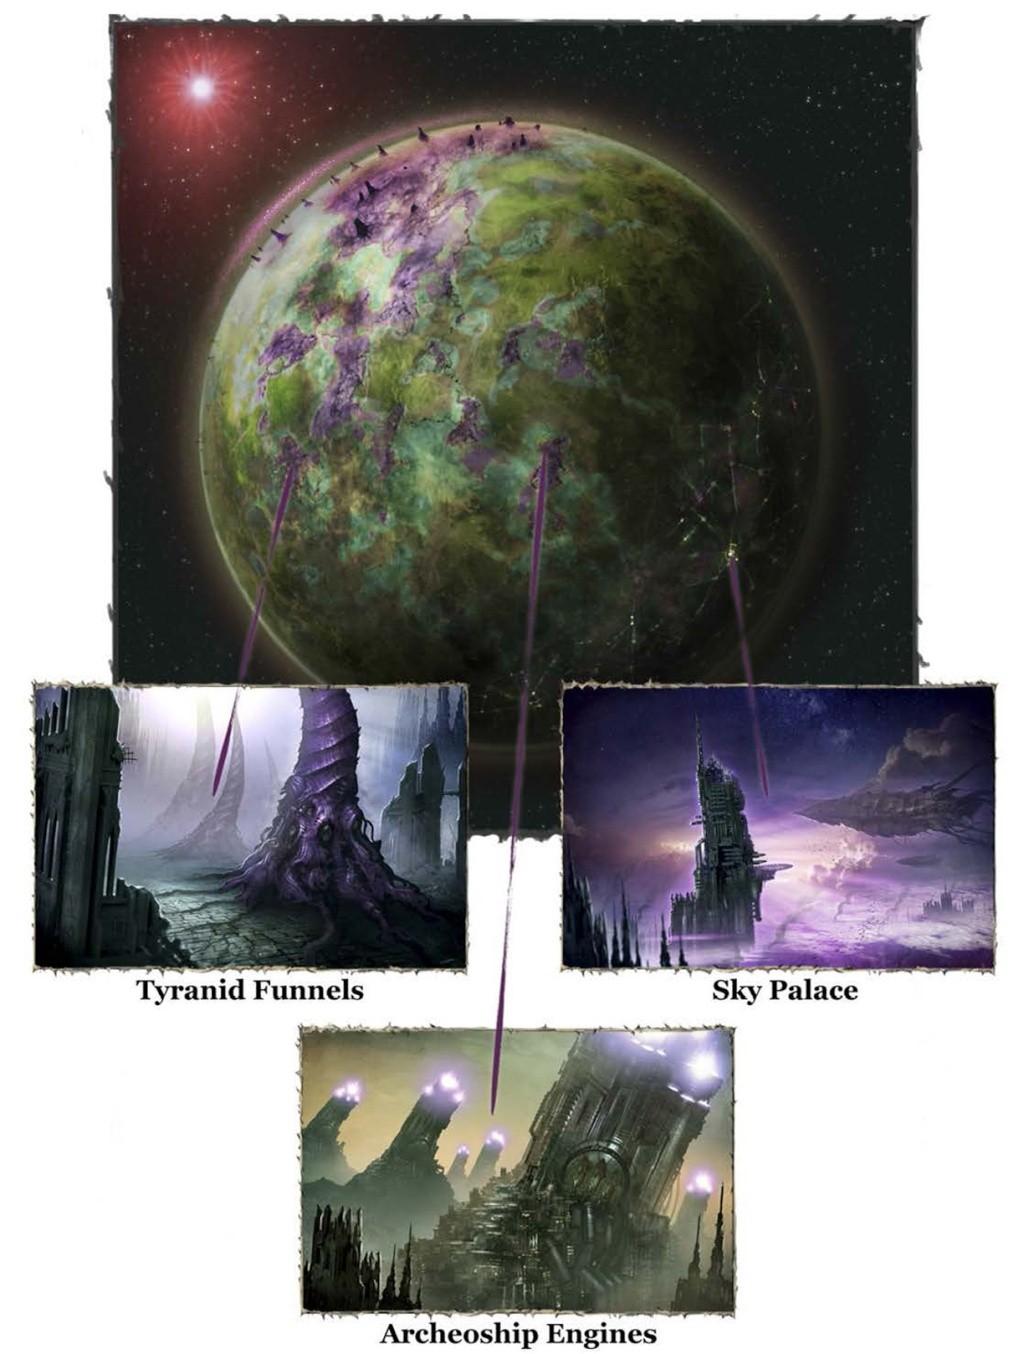 [GALERIE] Artworks - Page 4 Tyrani11